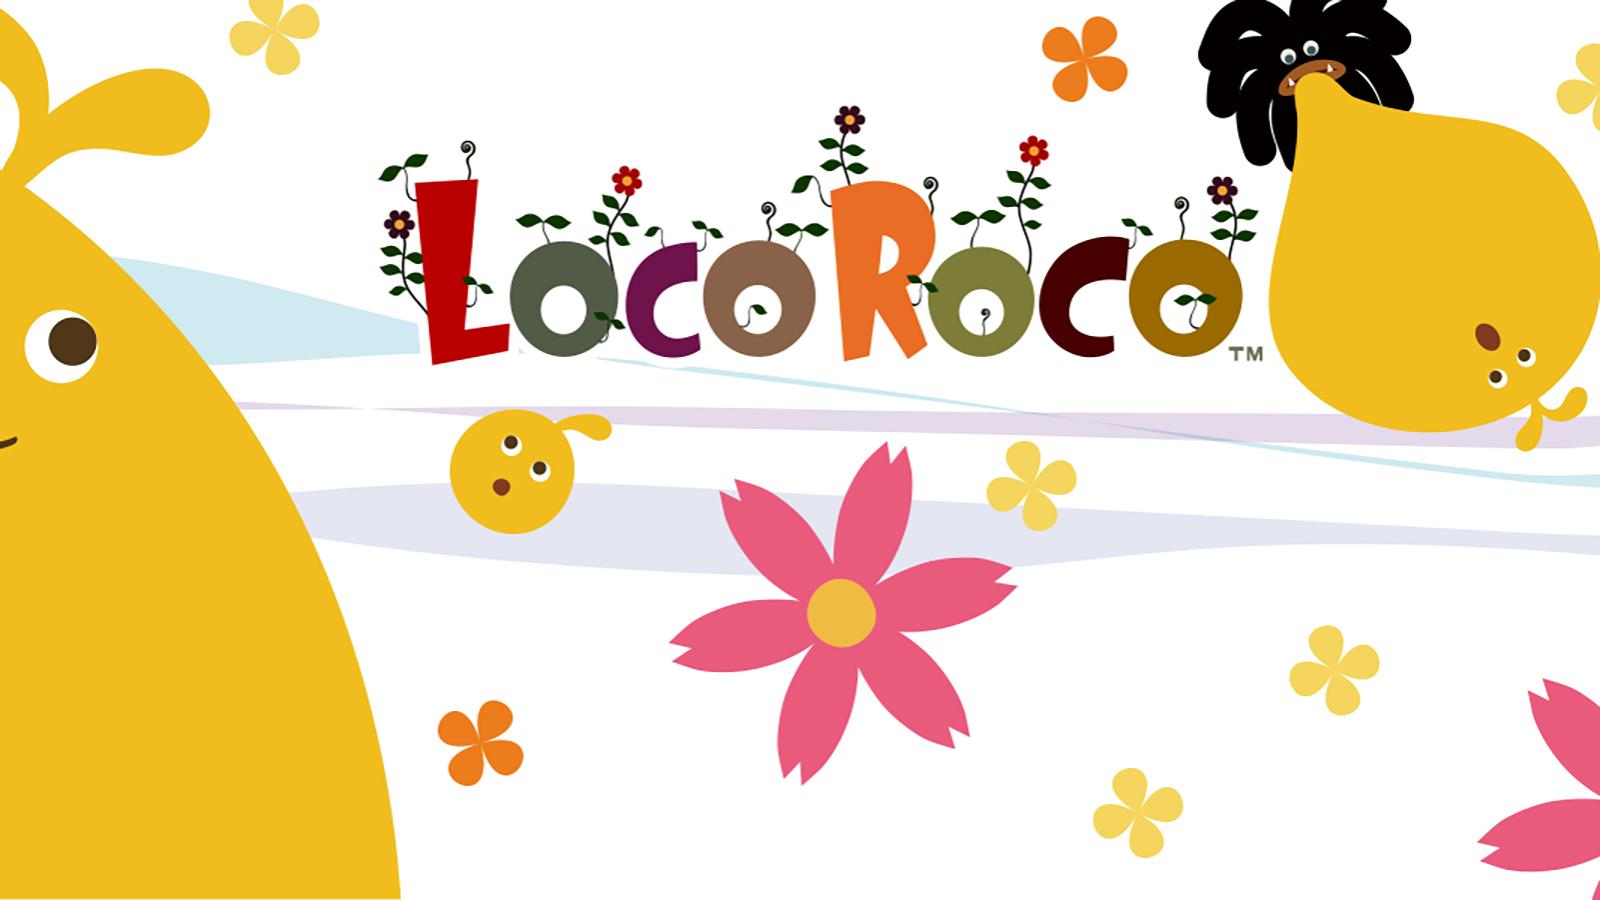 Jeux Vidéo ] Locoroco Remastered, La Petite Chanson Dans Ta Tête dedans Chanson De La Patate